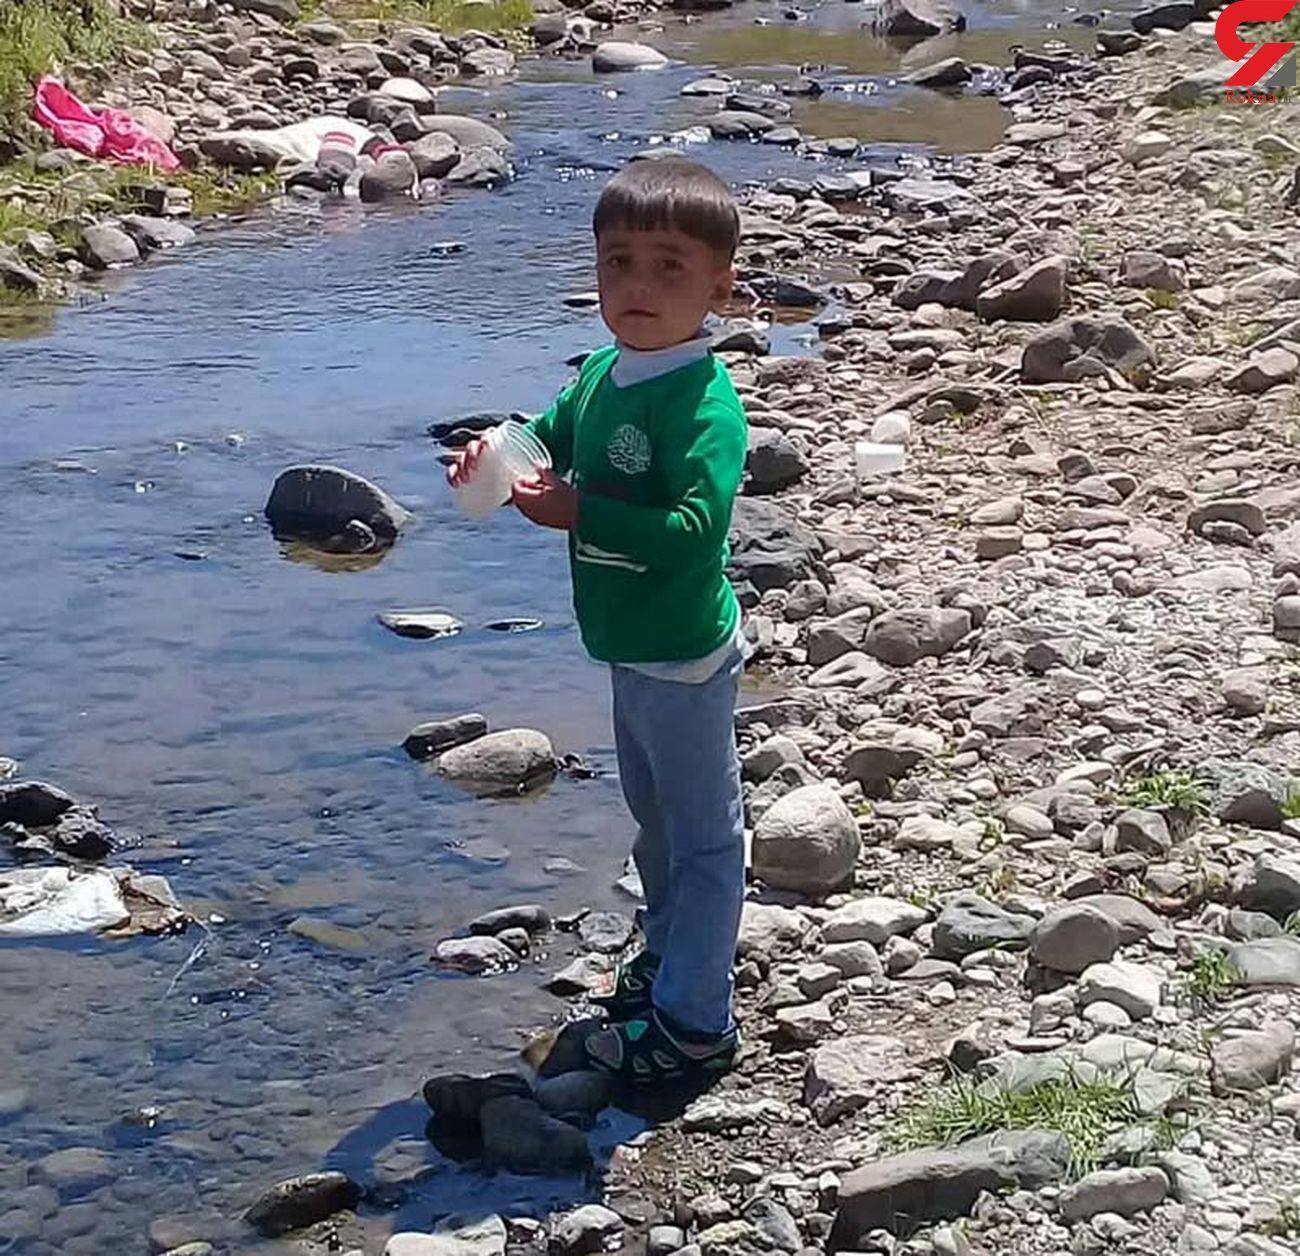 قتل هولناک پسر 4 ساله در بستان آباد / جنازه تکه تکه امیرعلی پیدا شد + عکس